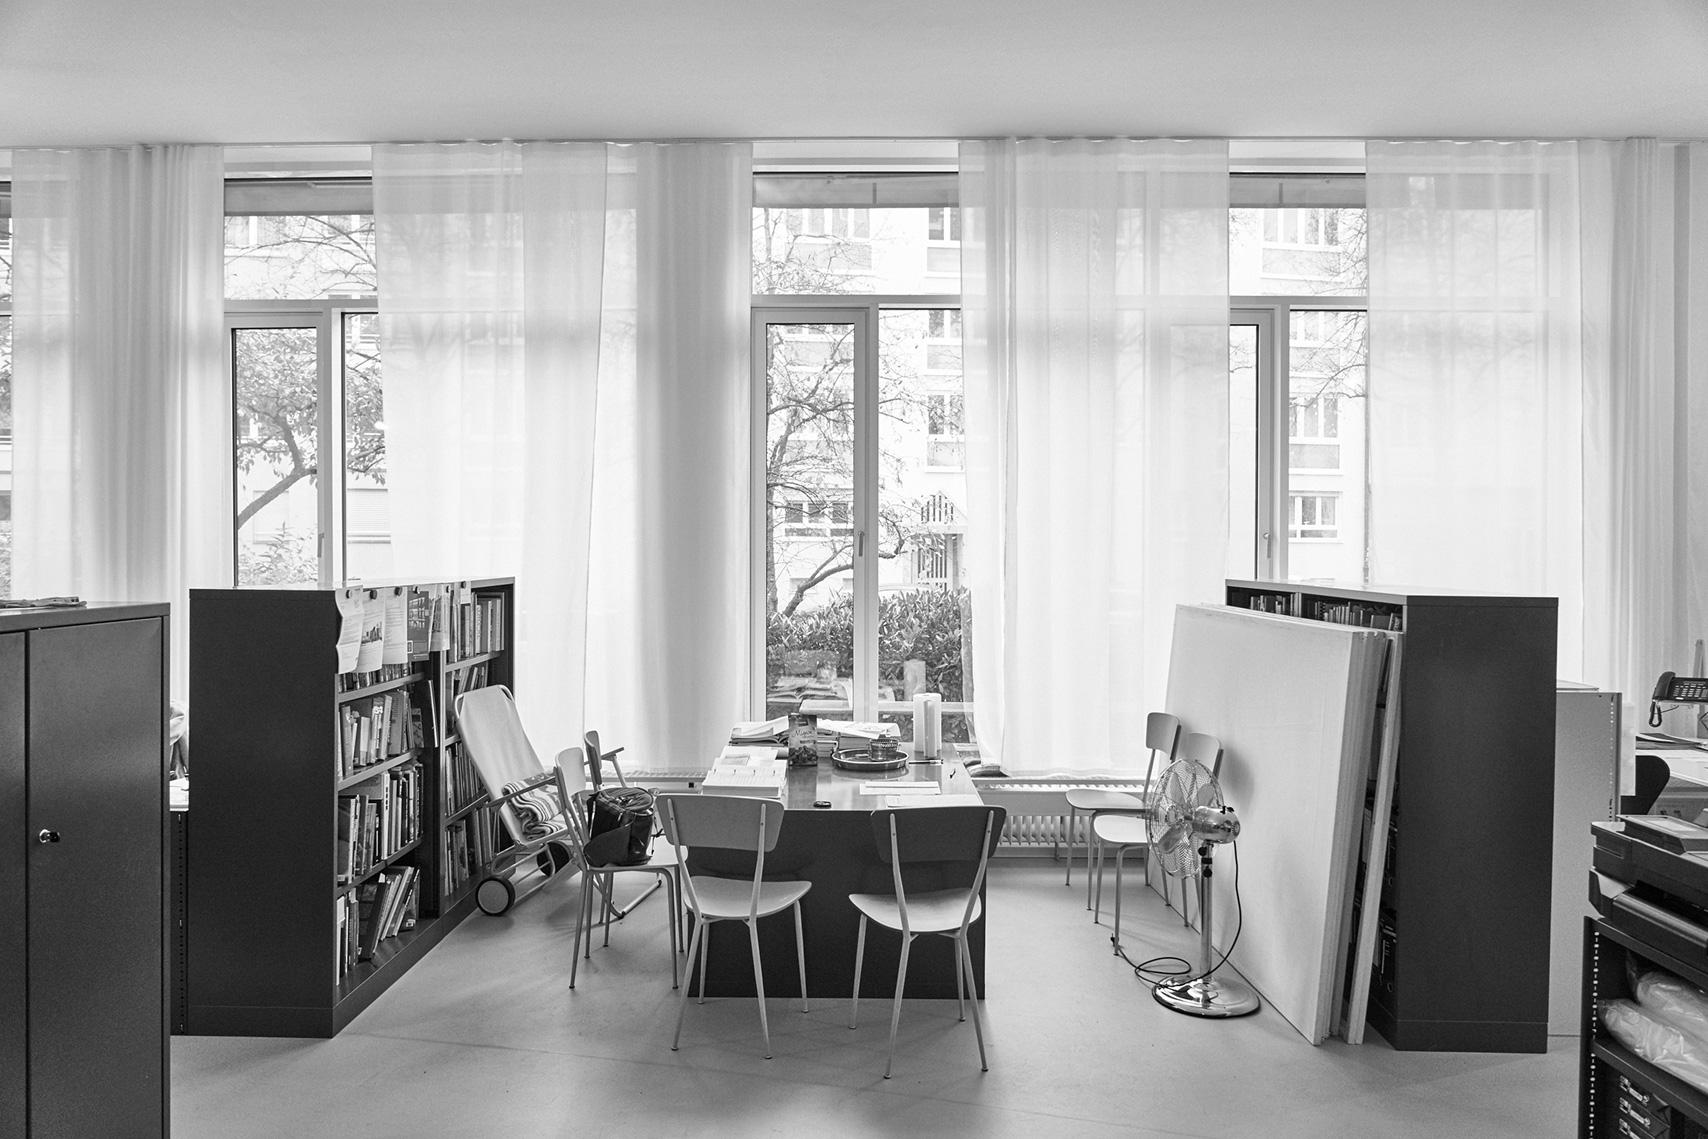 Scheer Architekten